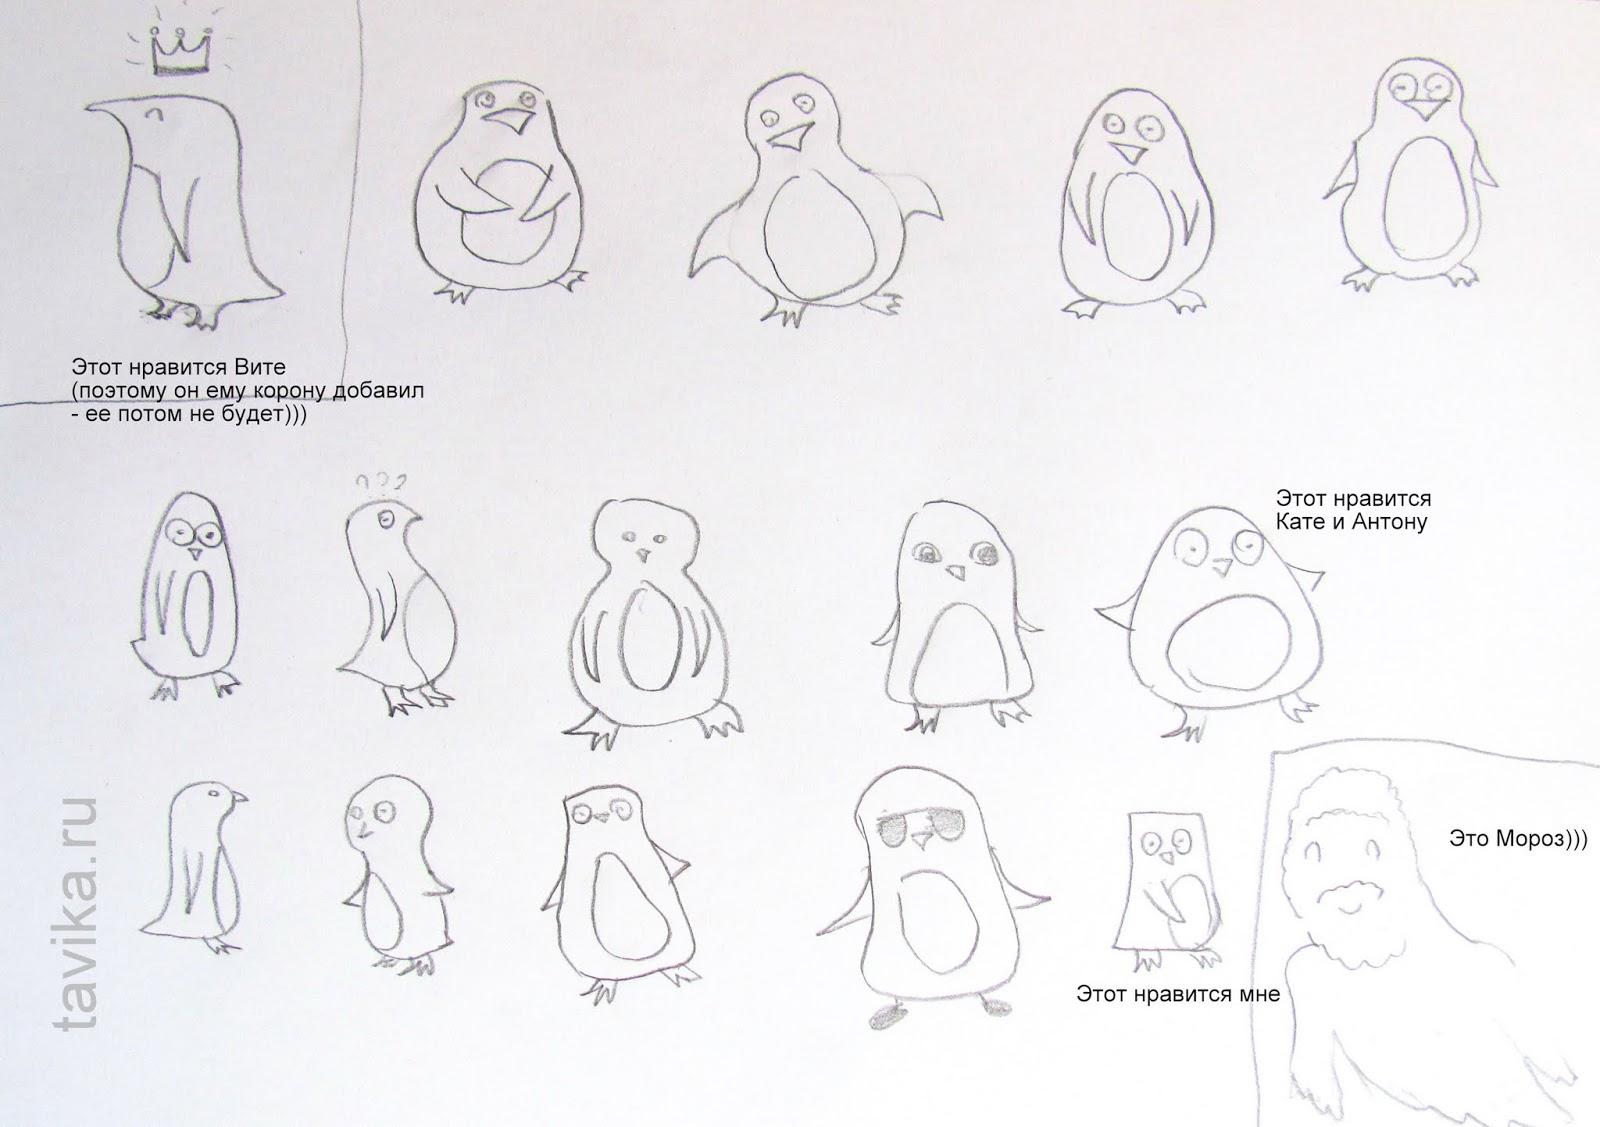 как нарисовать комикс